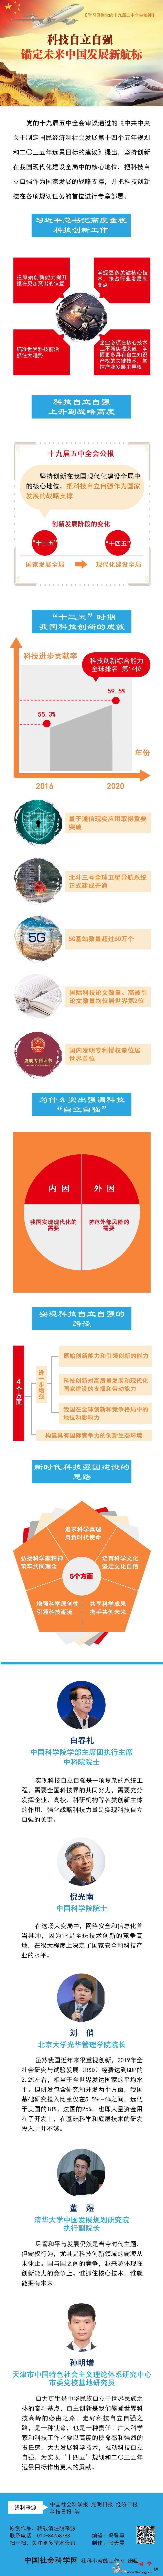 图解:科技自立自强锚定未来中国发展新_航标-自强-学习贯彻-